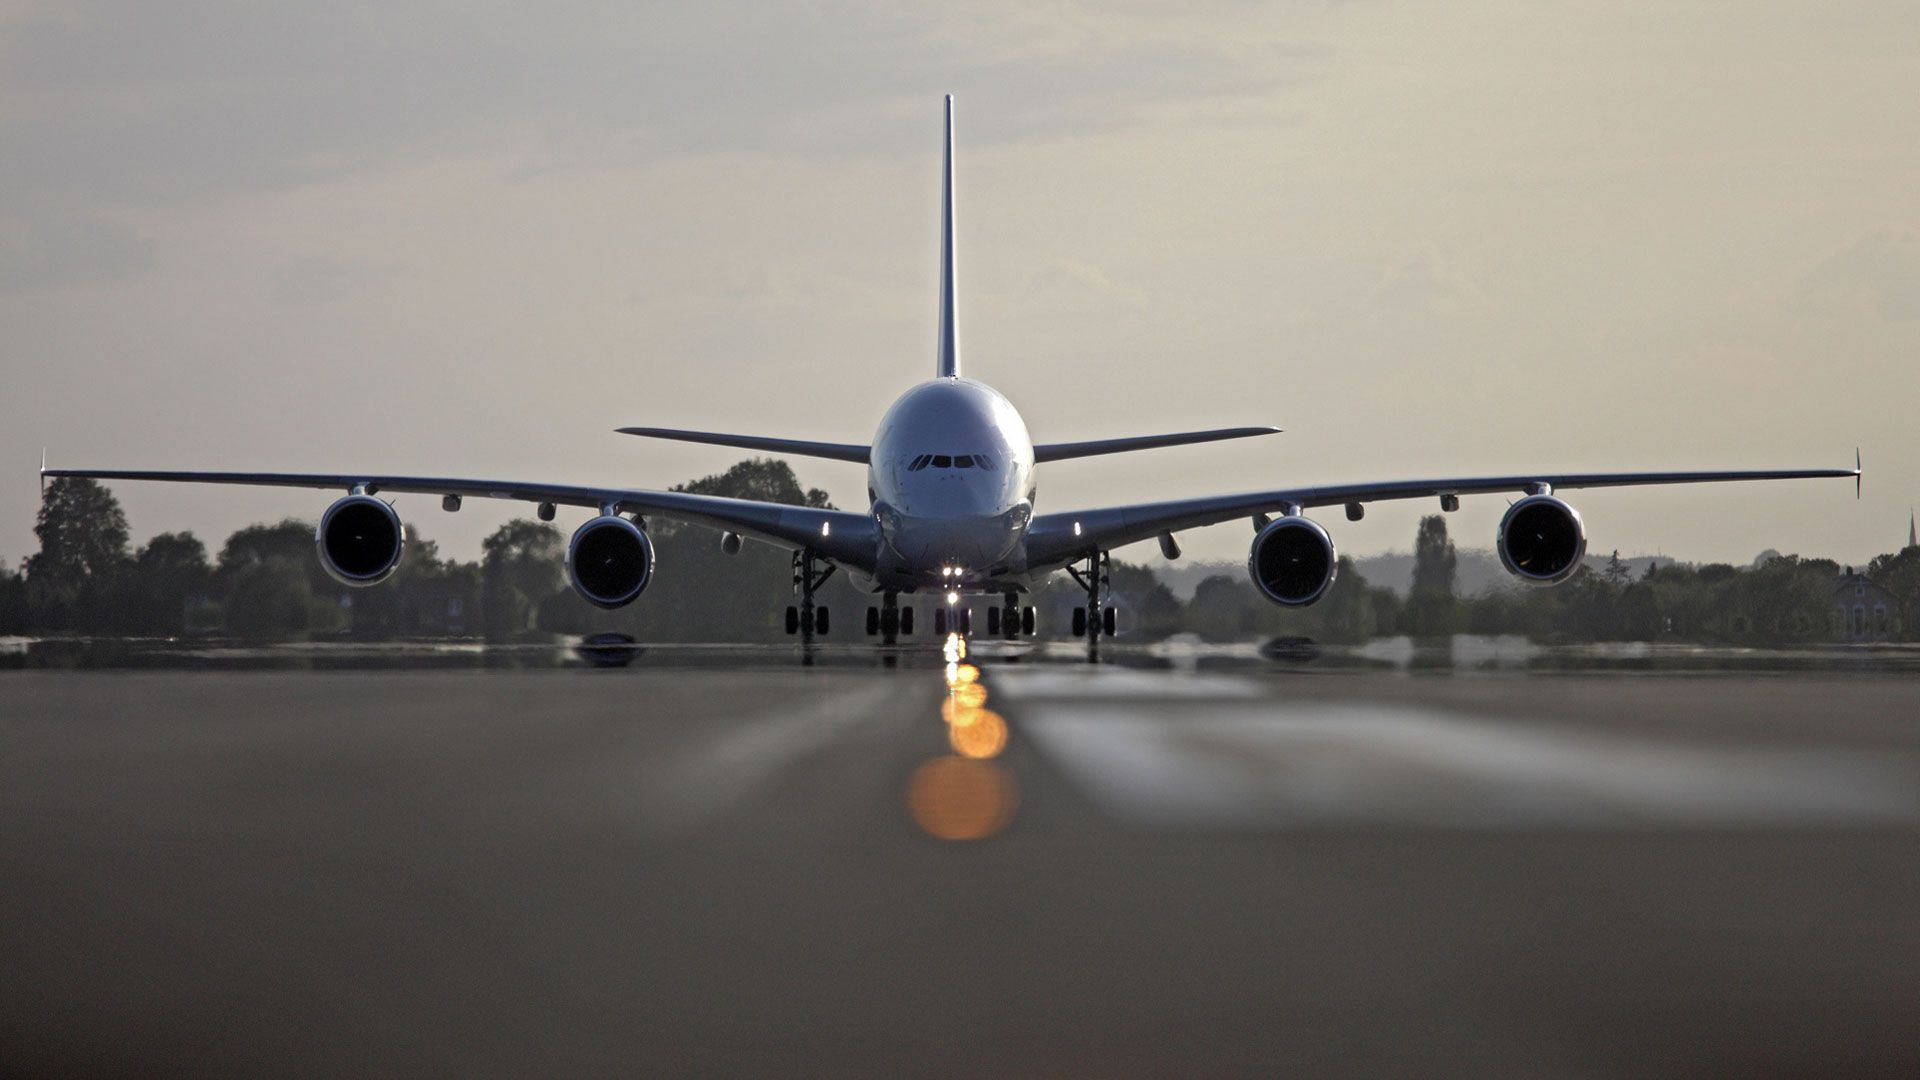 Еще одна казахстанская авиакомпания получила право летать вЕвропу- Kapital.kz